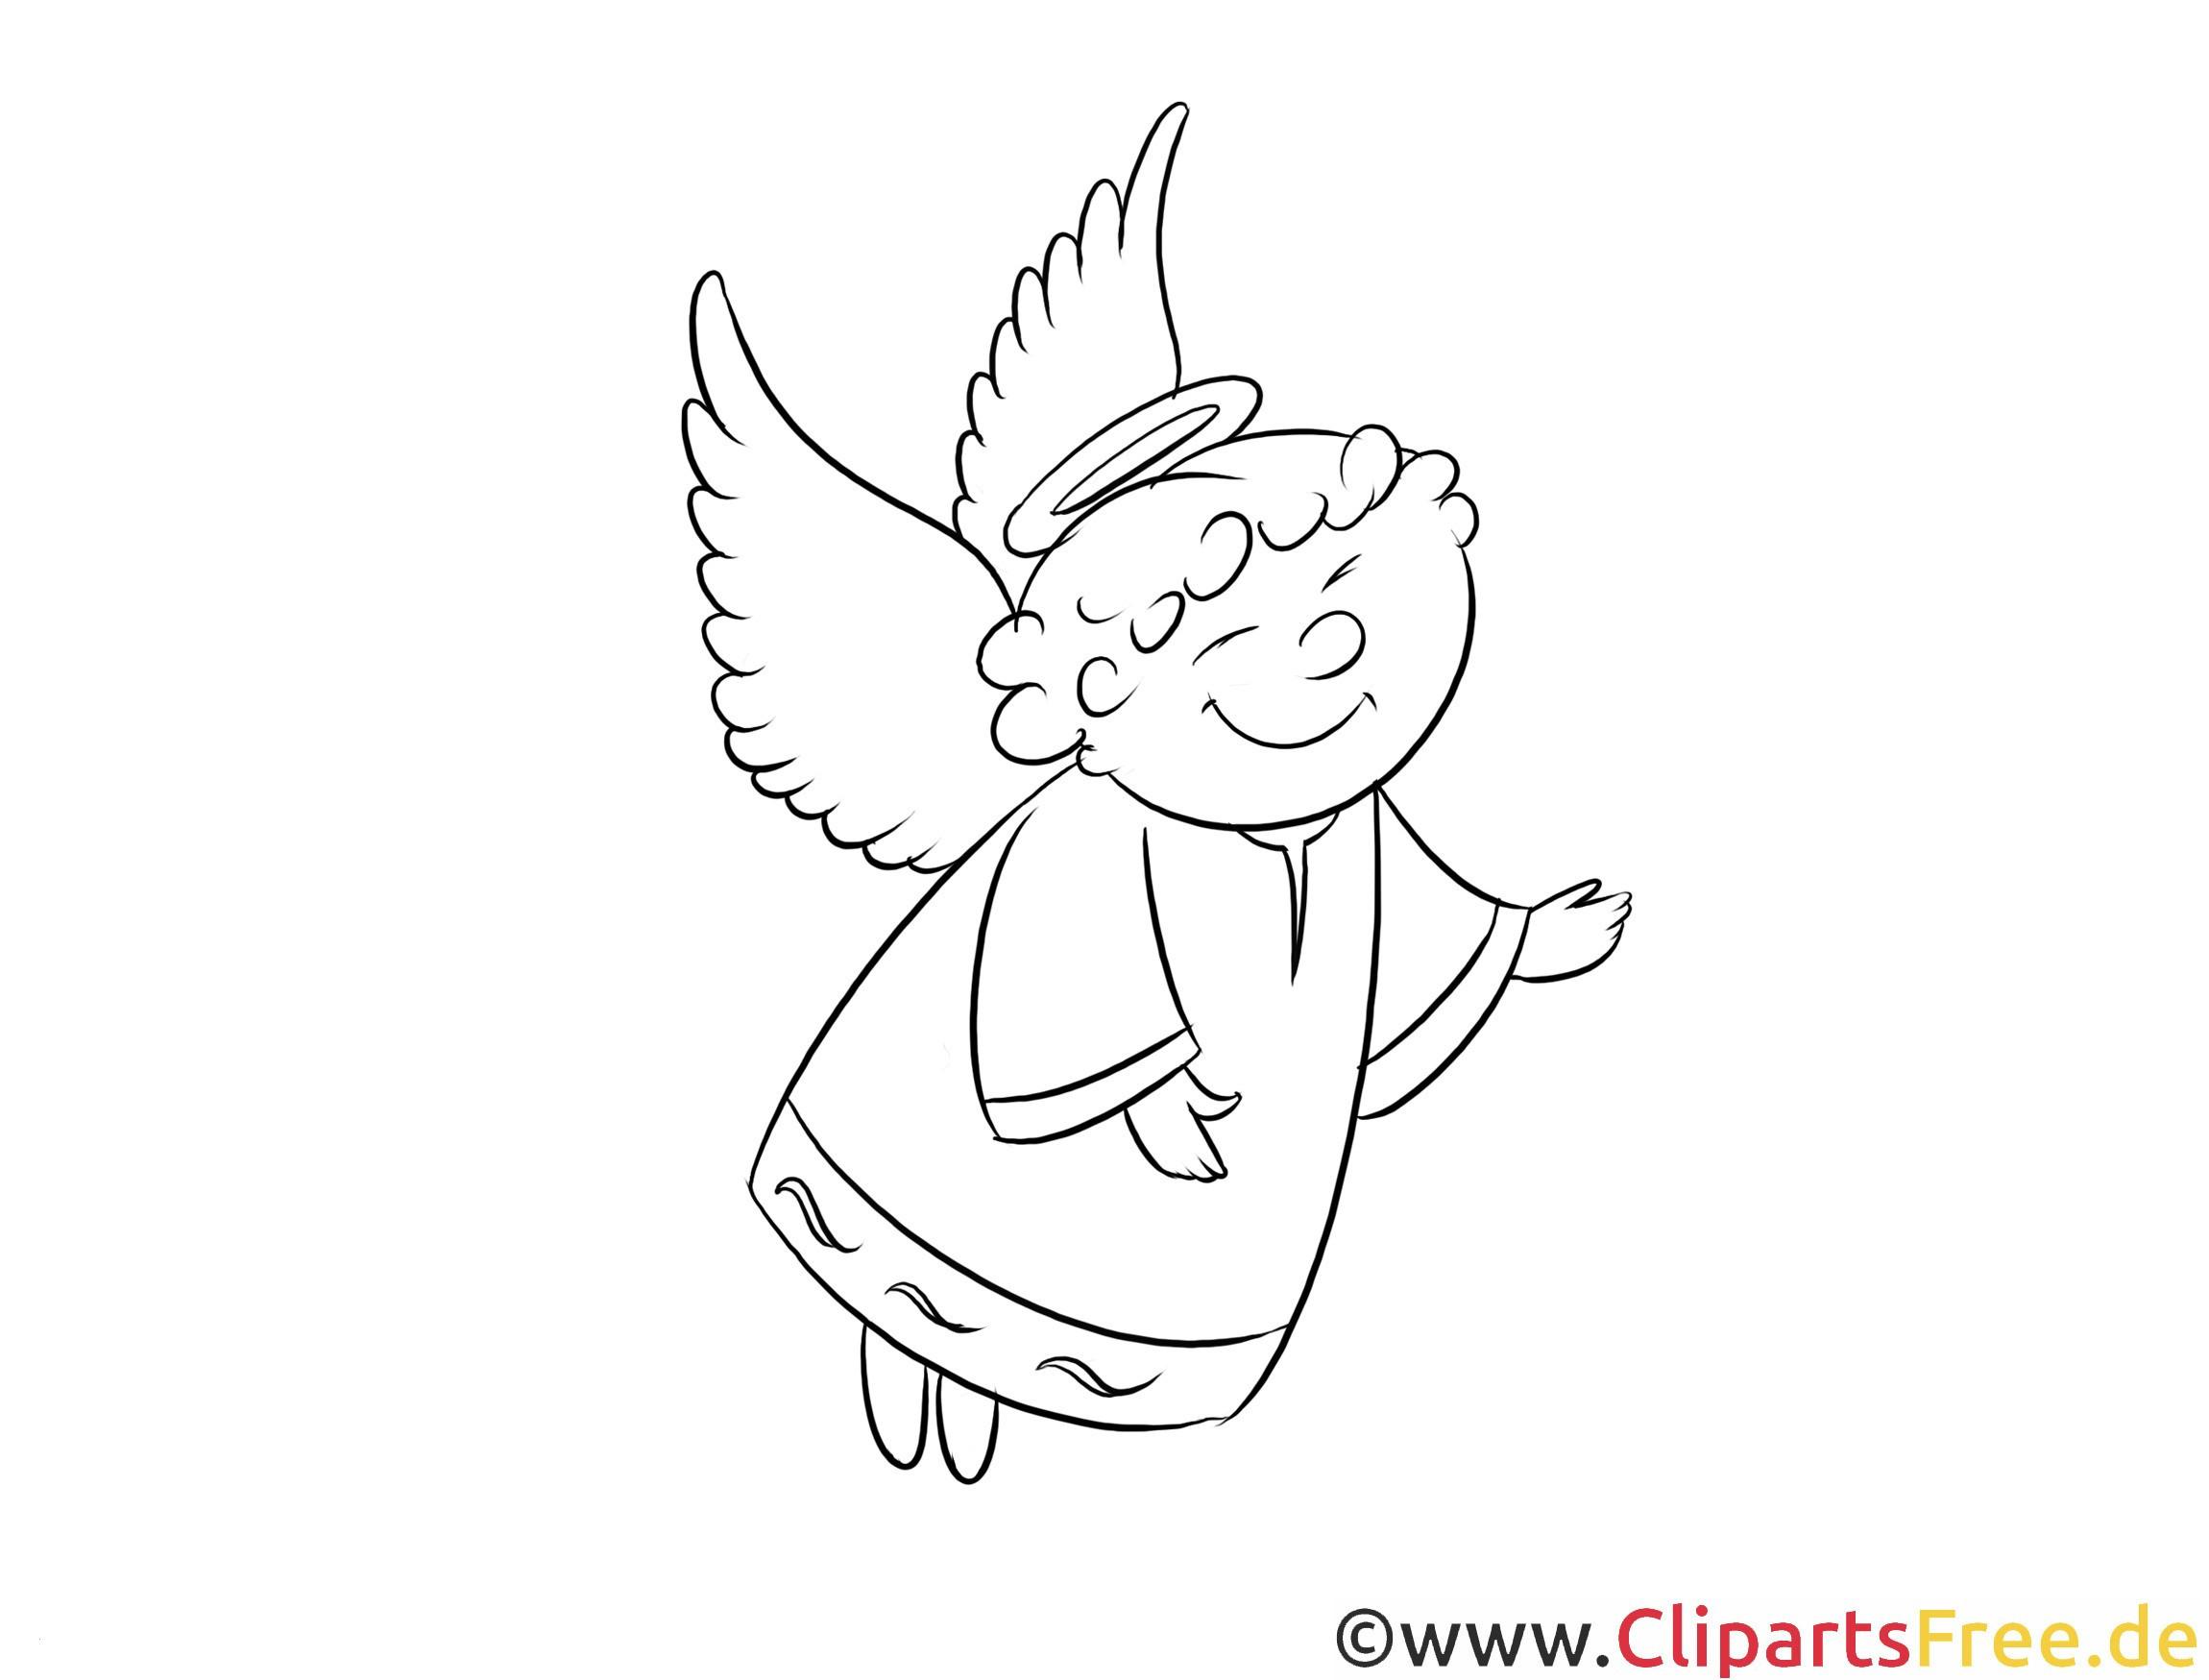 Ausmalbilder Weihnachten Engel Einzigartig Kind Engel Bilder Die Meisten Nützlich Ausmalbilder Weihnachten Sammlung